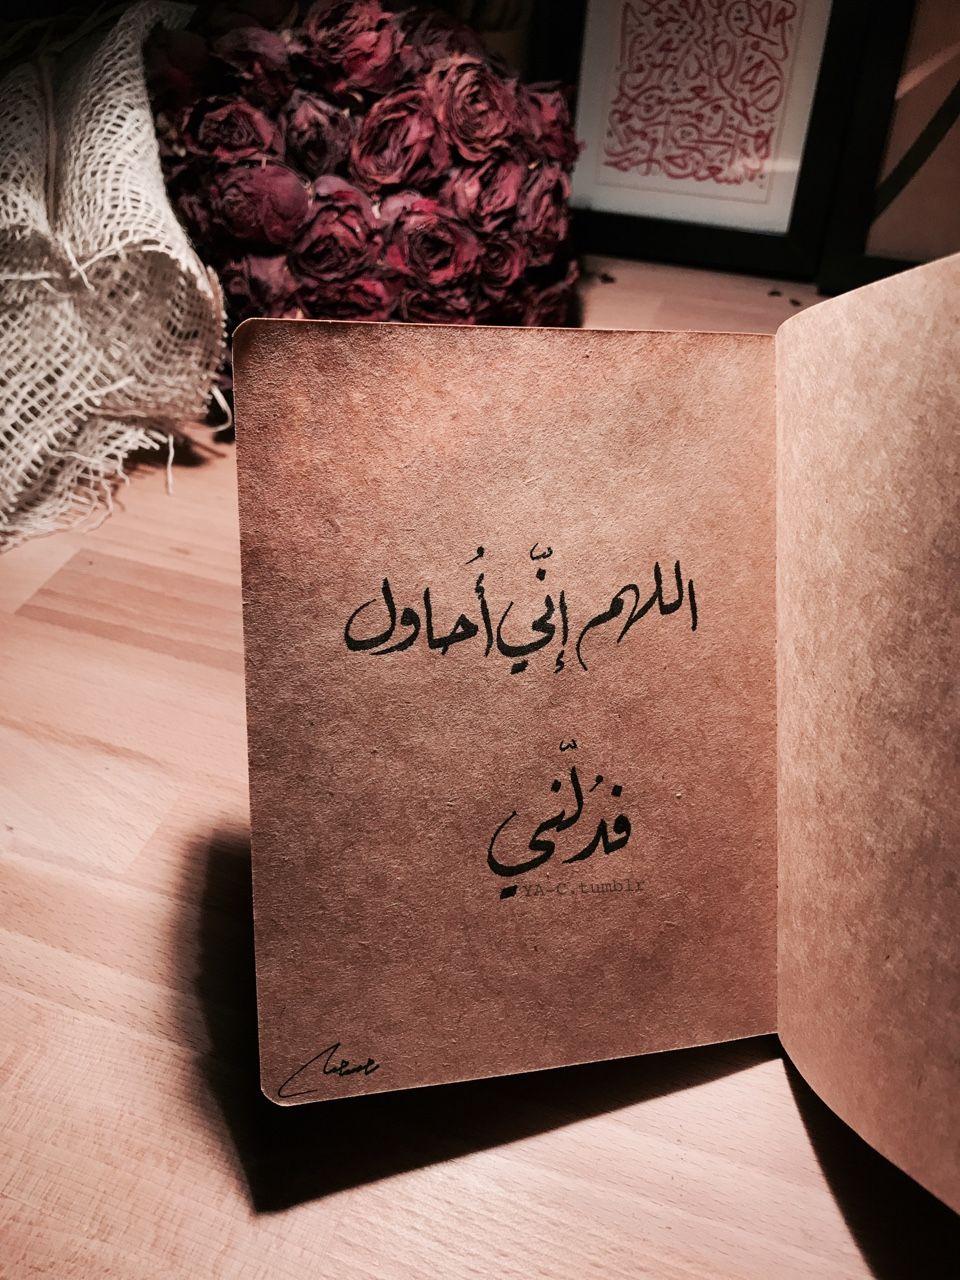 ه ند Photo Love Quotes Wallpaper Friends Quotes My Life Quotes